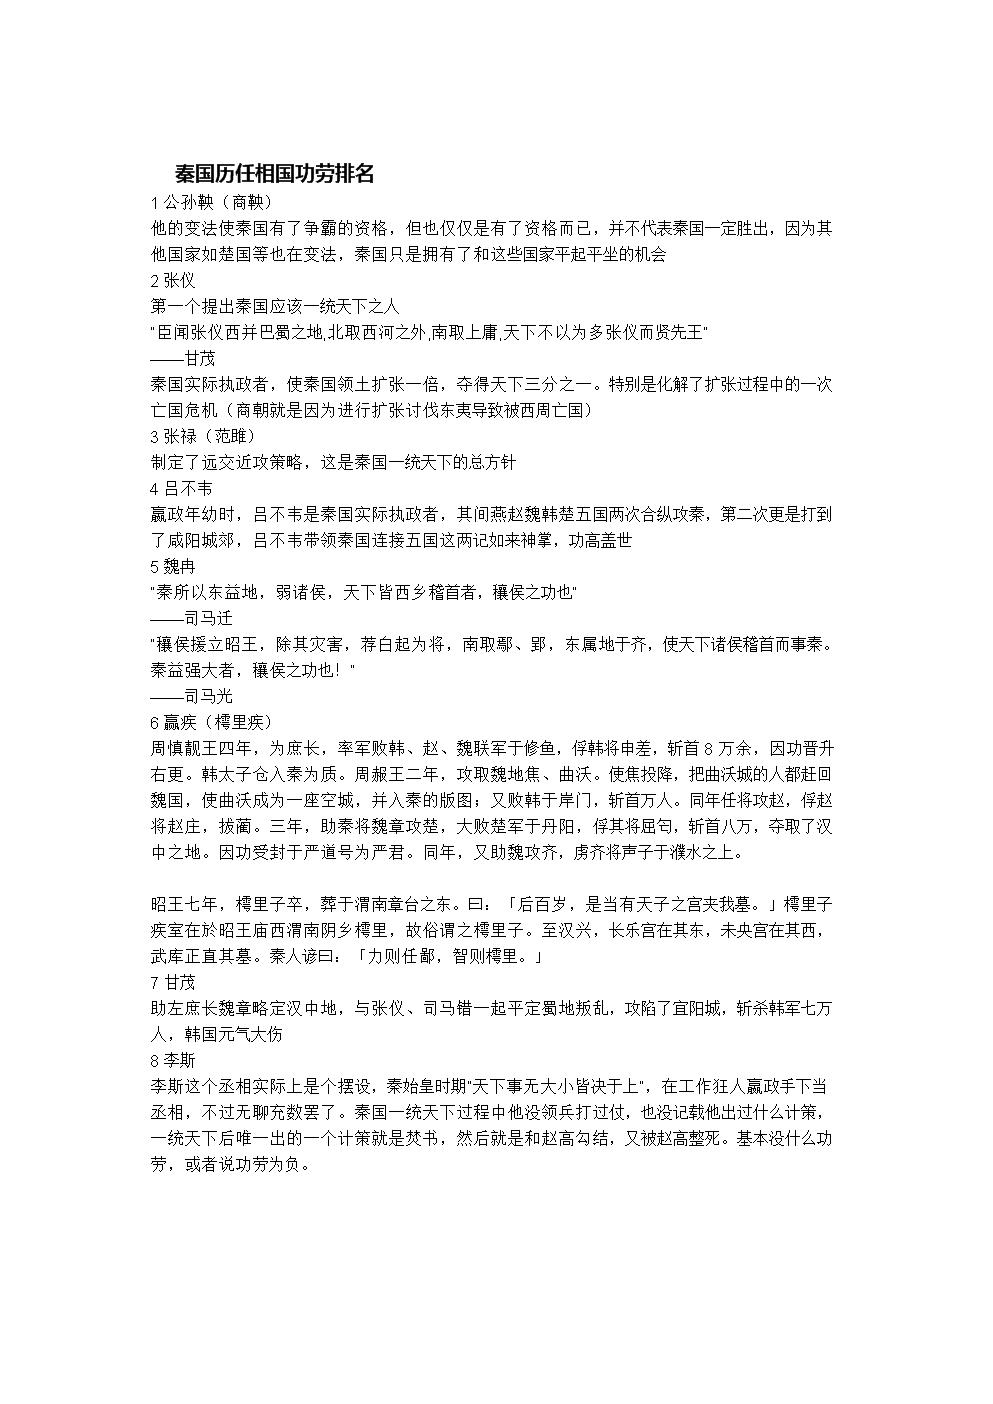 秦国历任相国功劳排名.doc